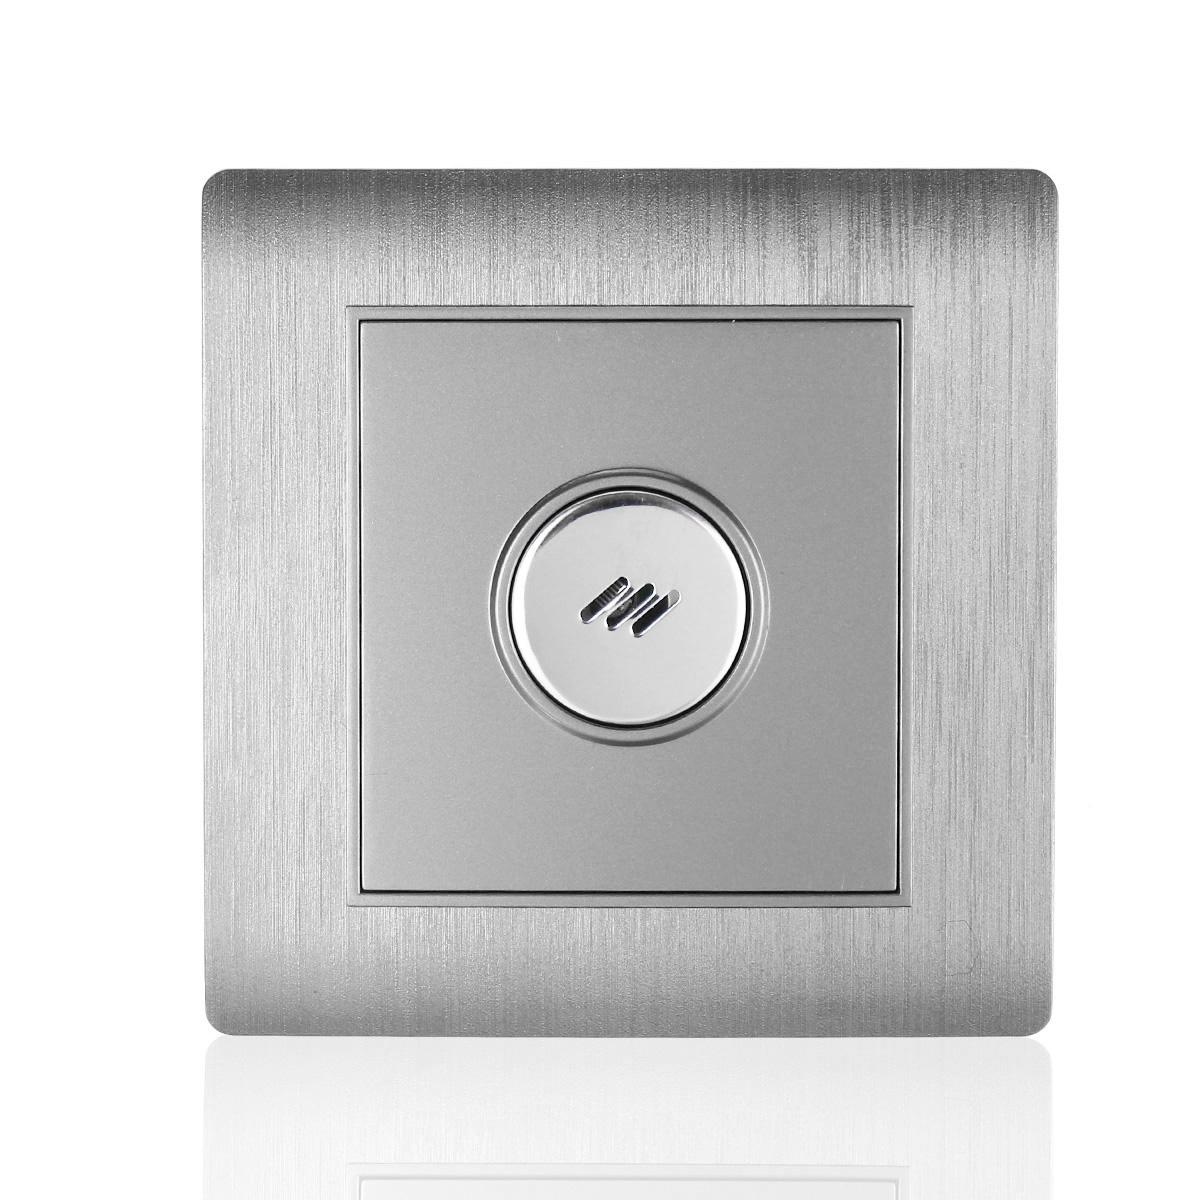 Умный дом Настенный смарт выключатель с голосовым управлением и датчиком света (Фото 5)